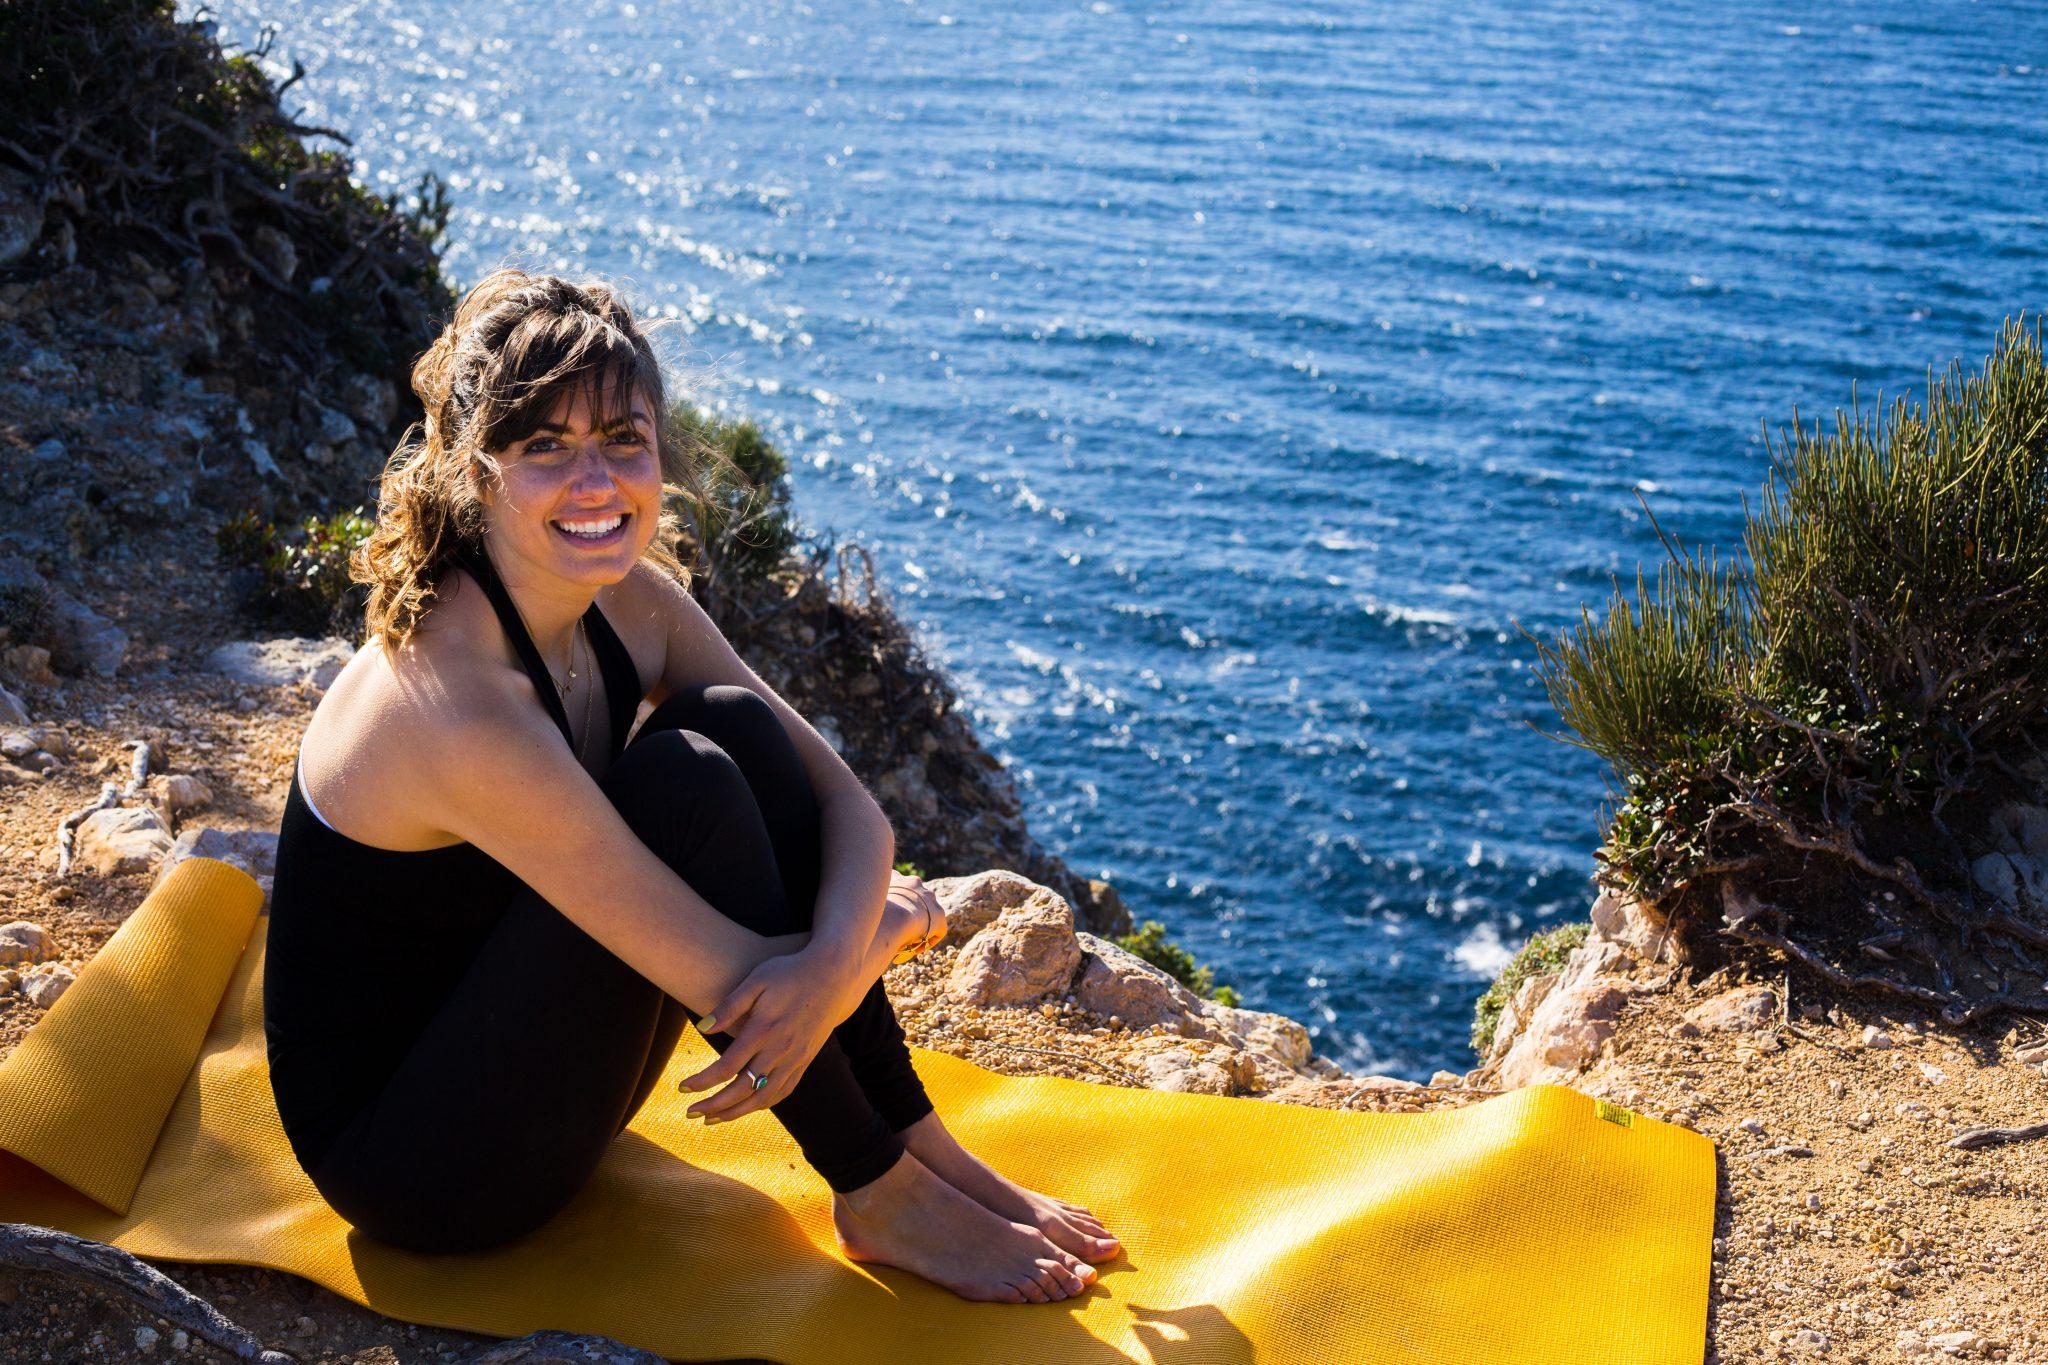 Yoga teacher Kaeli Renae Mallorca